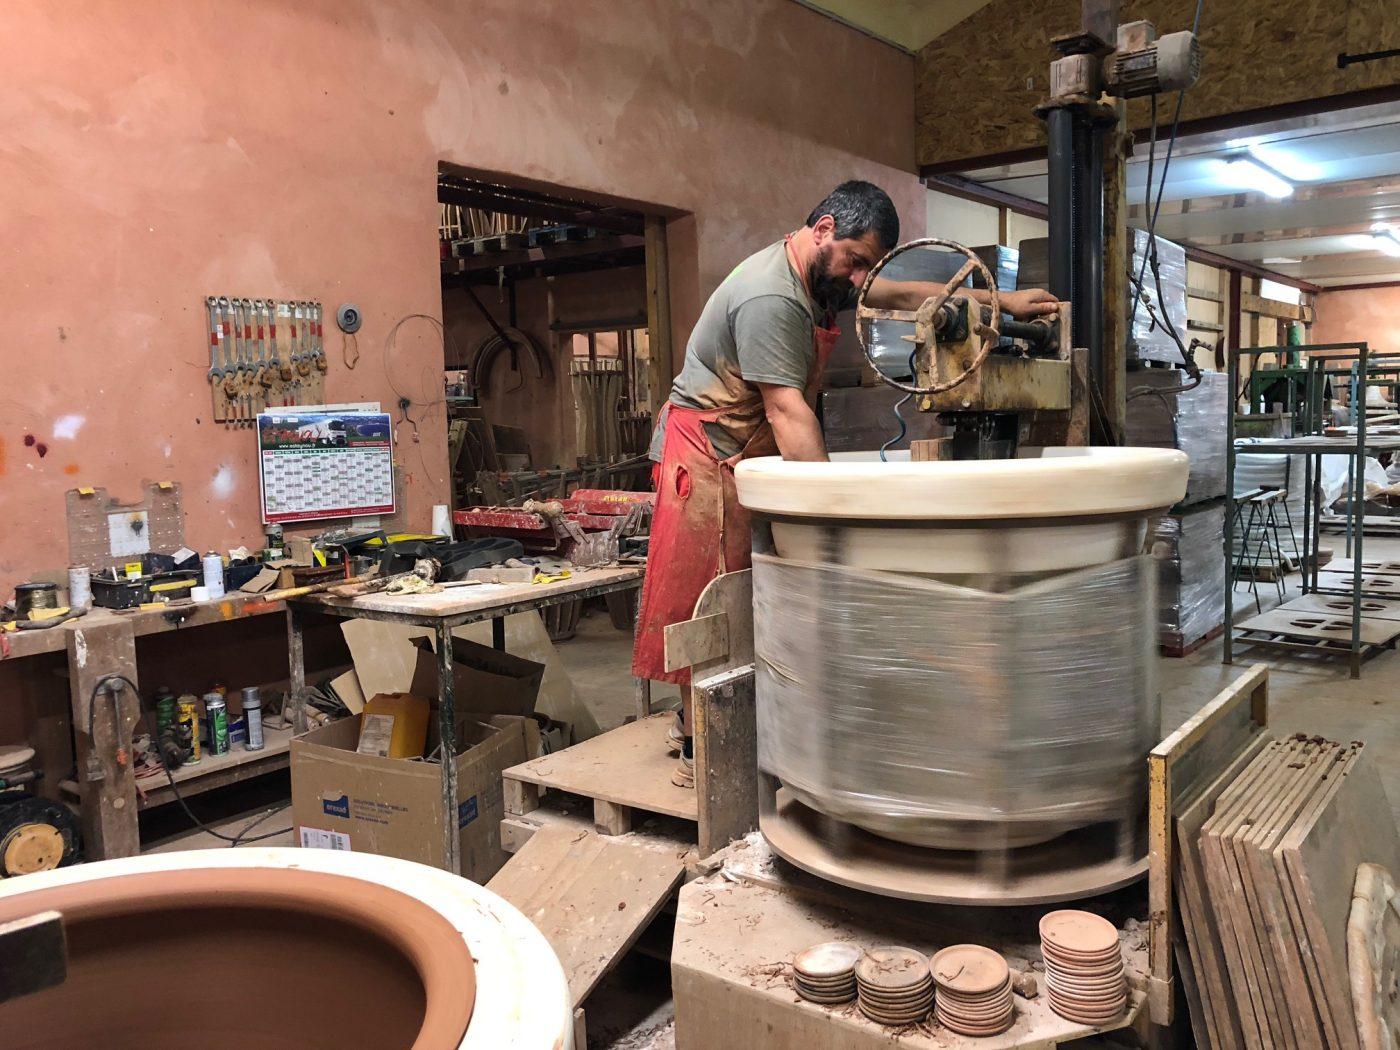 séminaire pays basque intérieur team building producteurs concepteur hendaye saint jean de luz biarritz côte basque